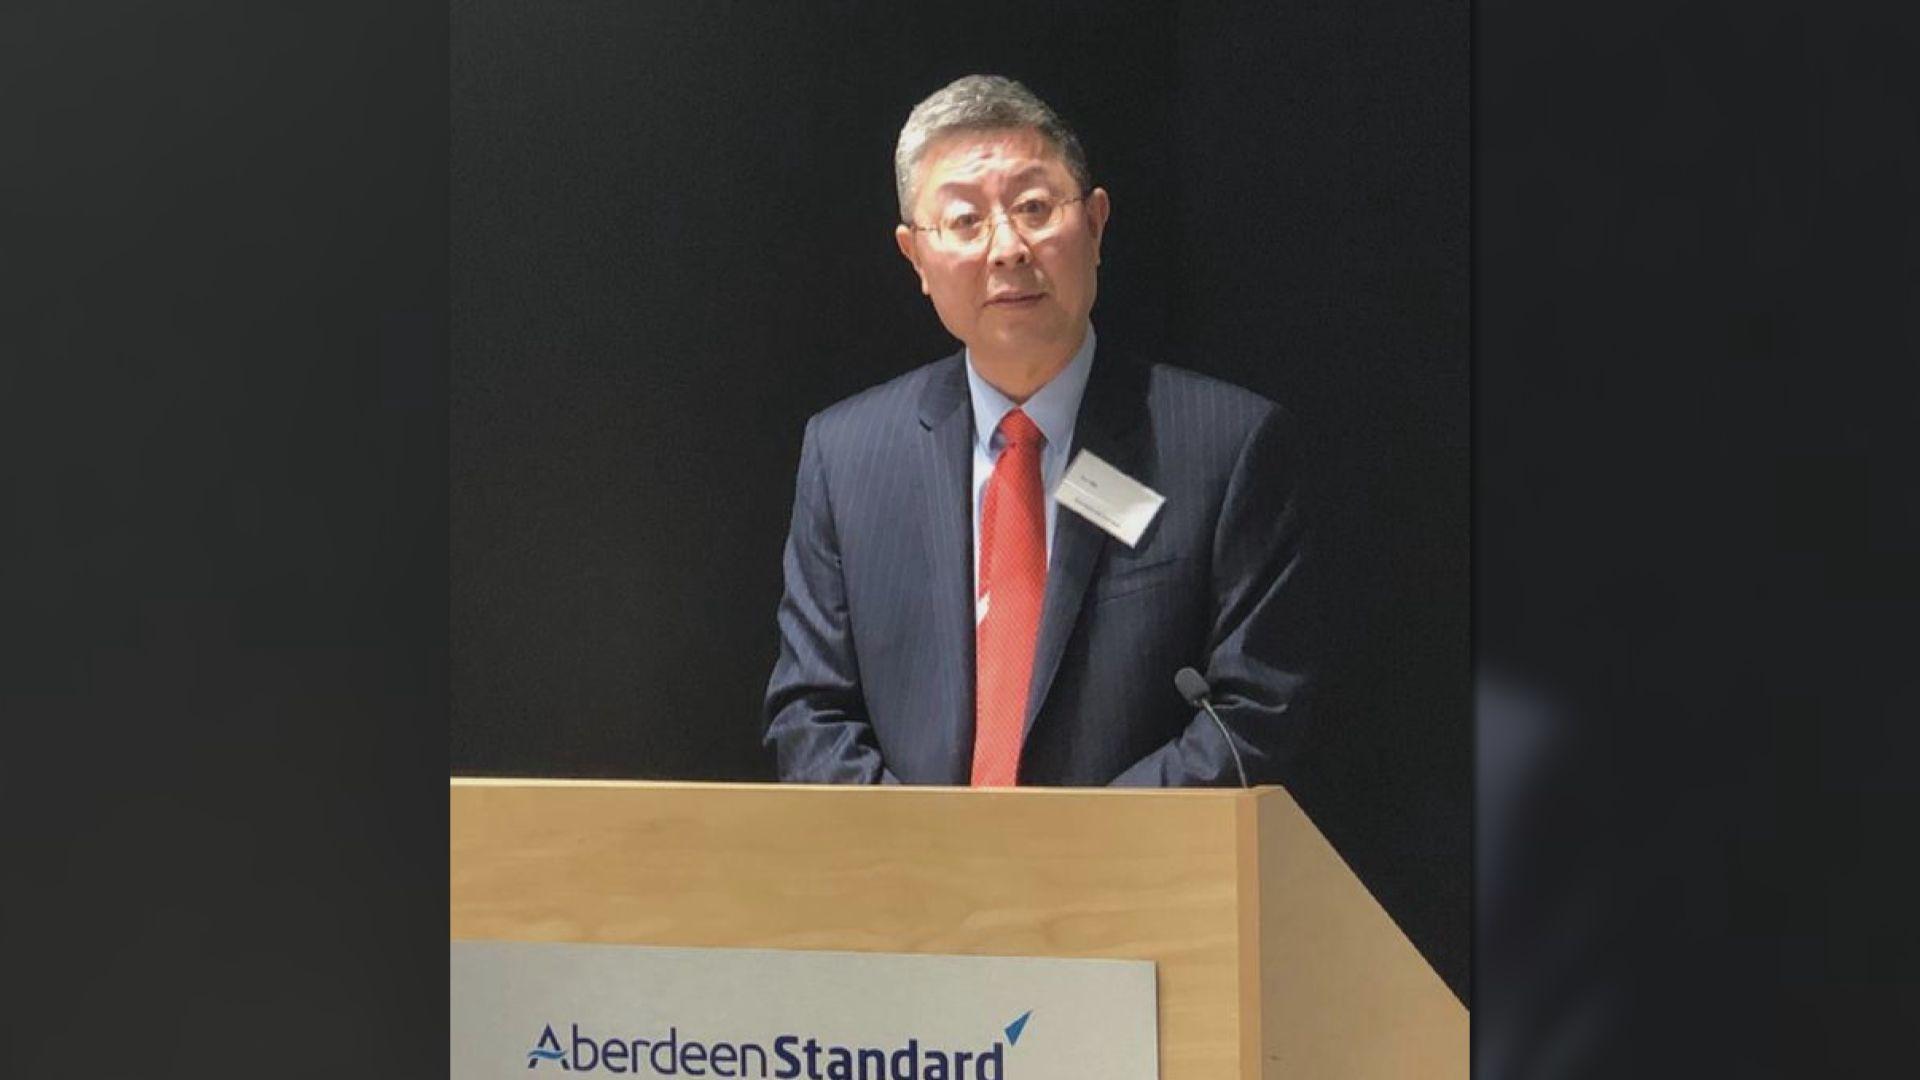 中國駐英公使約見英國廣播公司提嚴正交涉